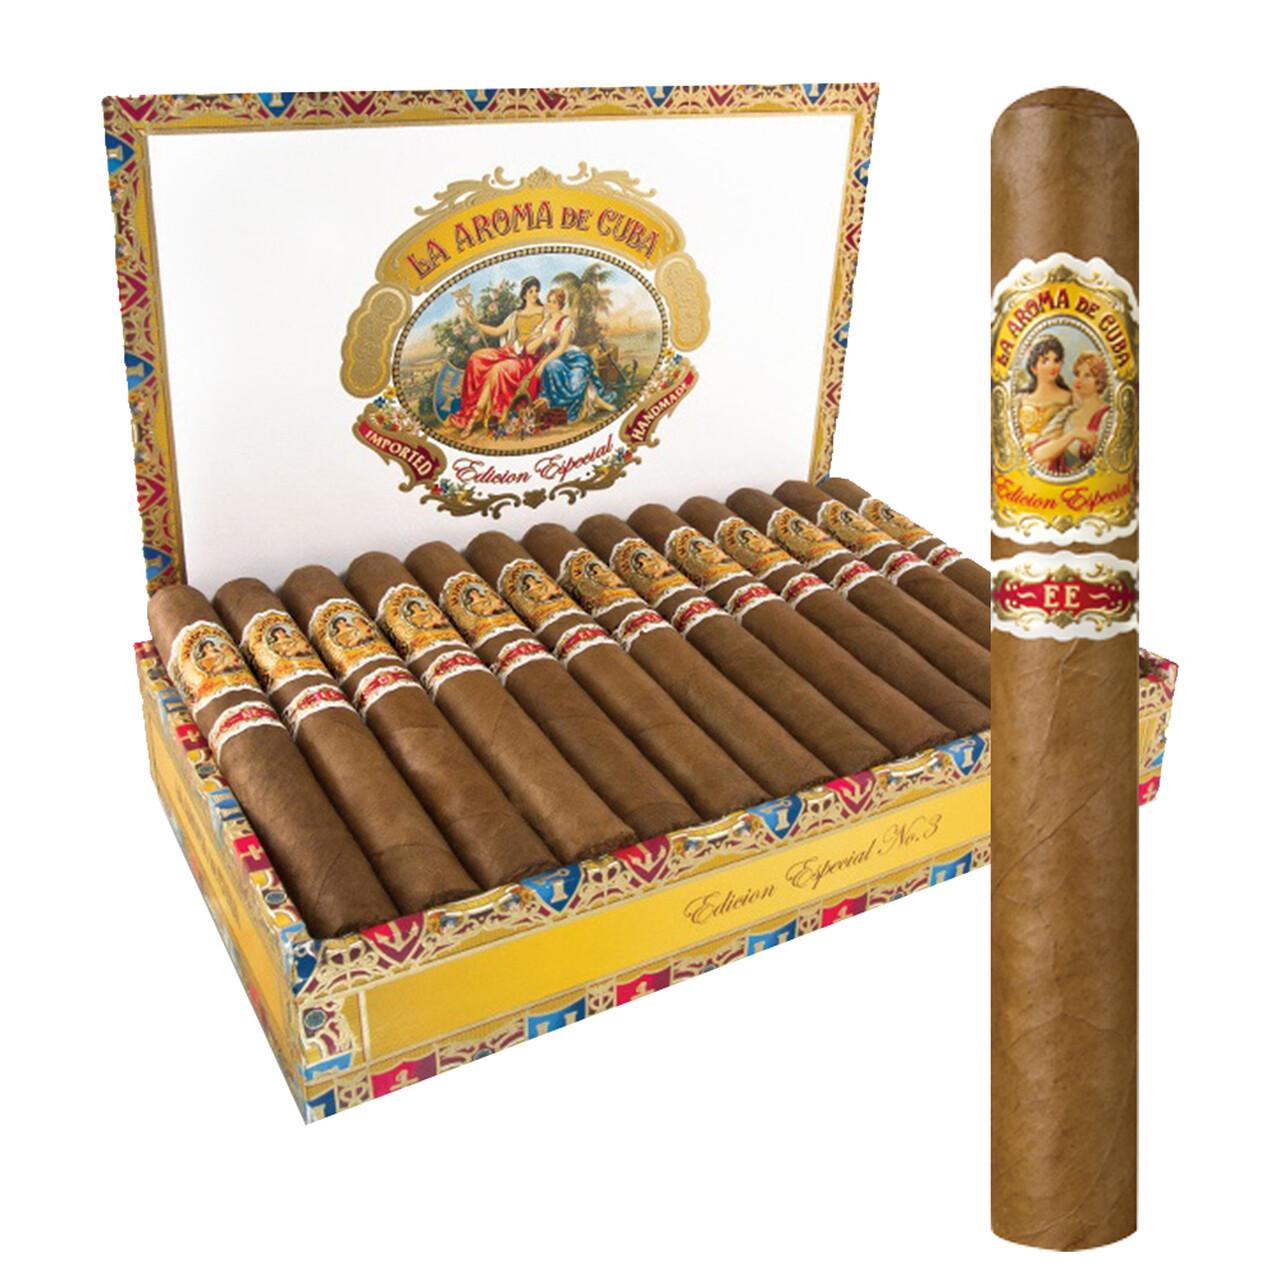 La Aroma de Cuba Edicion Especial #3